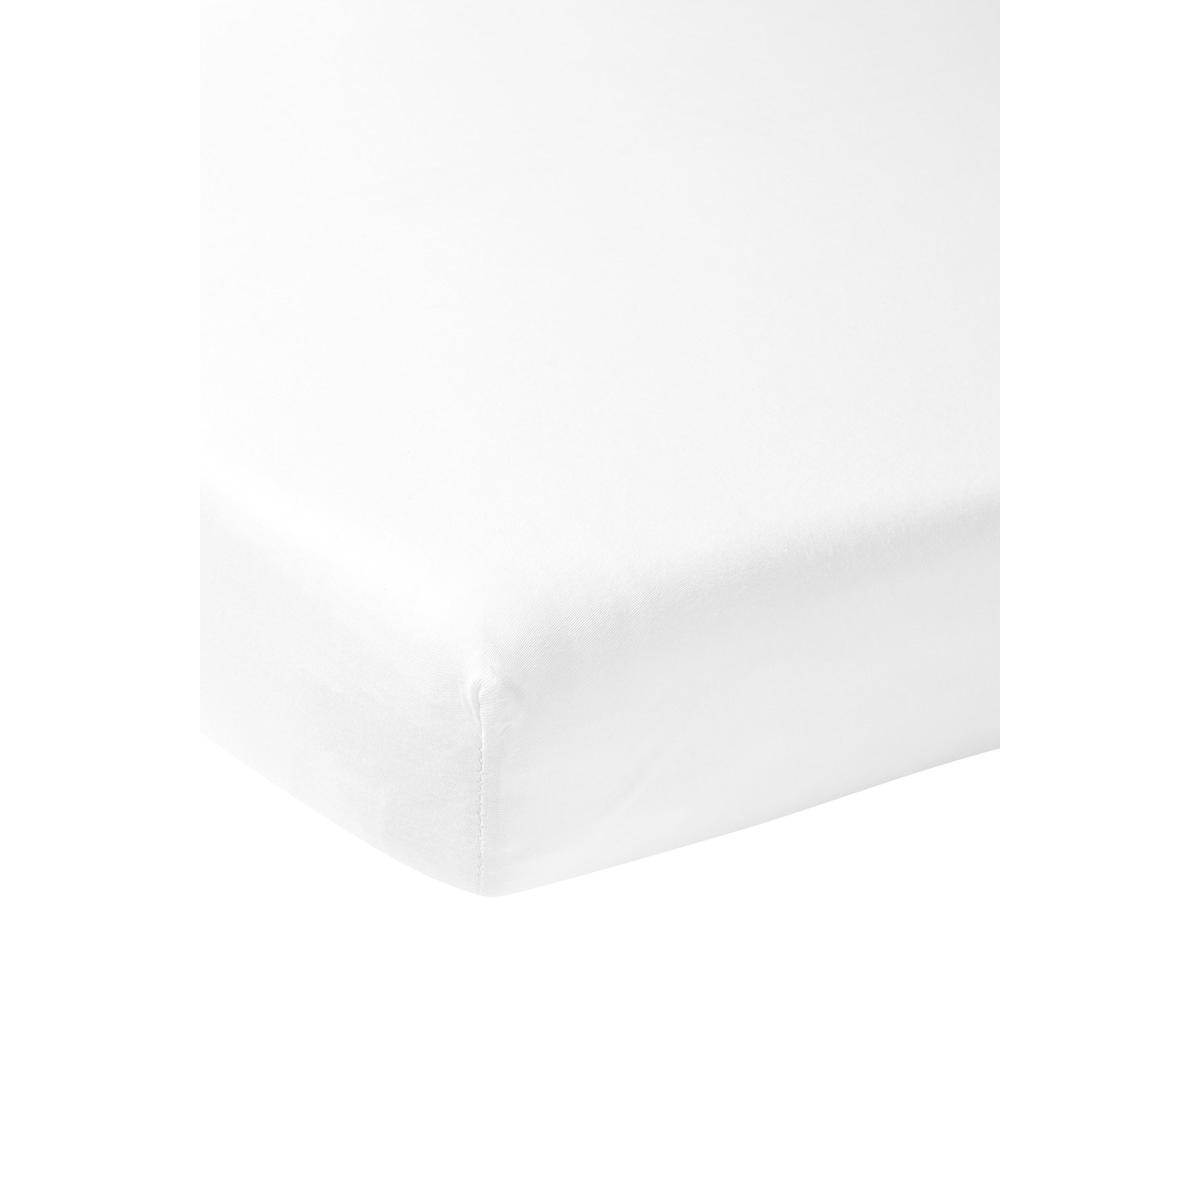 Meyco Jersey Hoeslaken 70x140/150 Wit